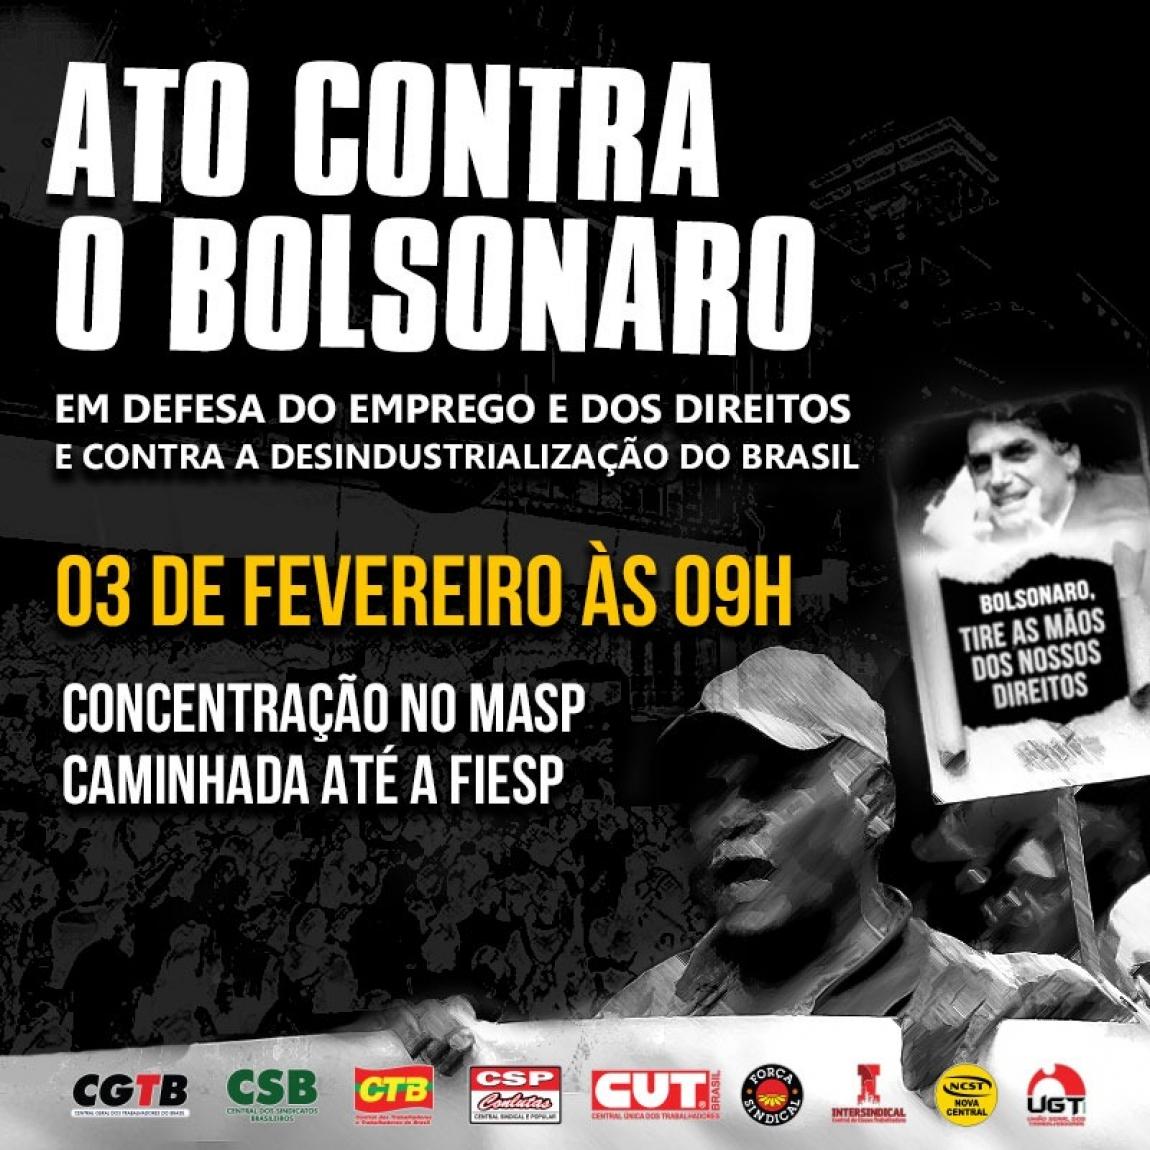 Imagem de São Paulo: Centrais sindicais farão Ato contra Bolsonaro na próxima segunda-feira (3)